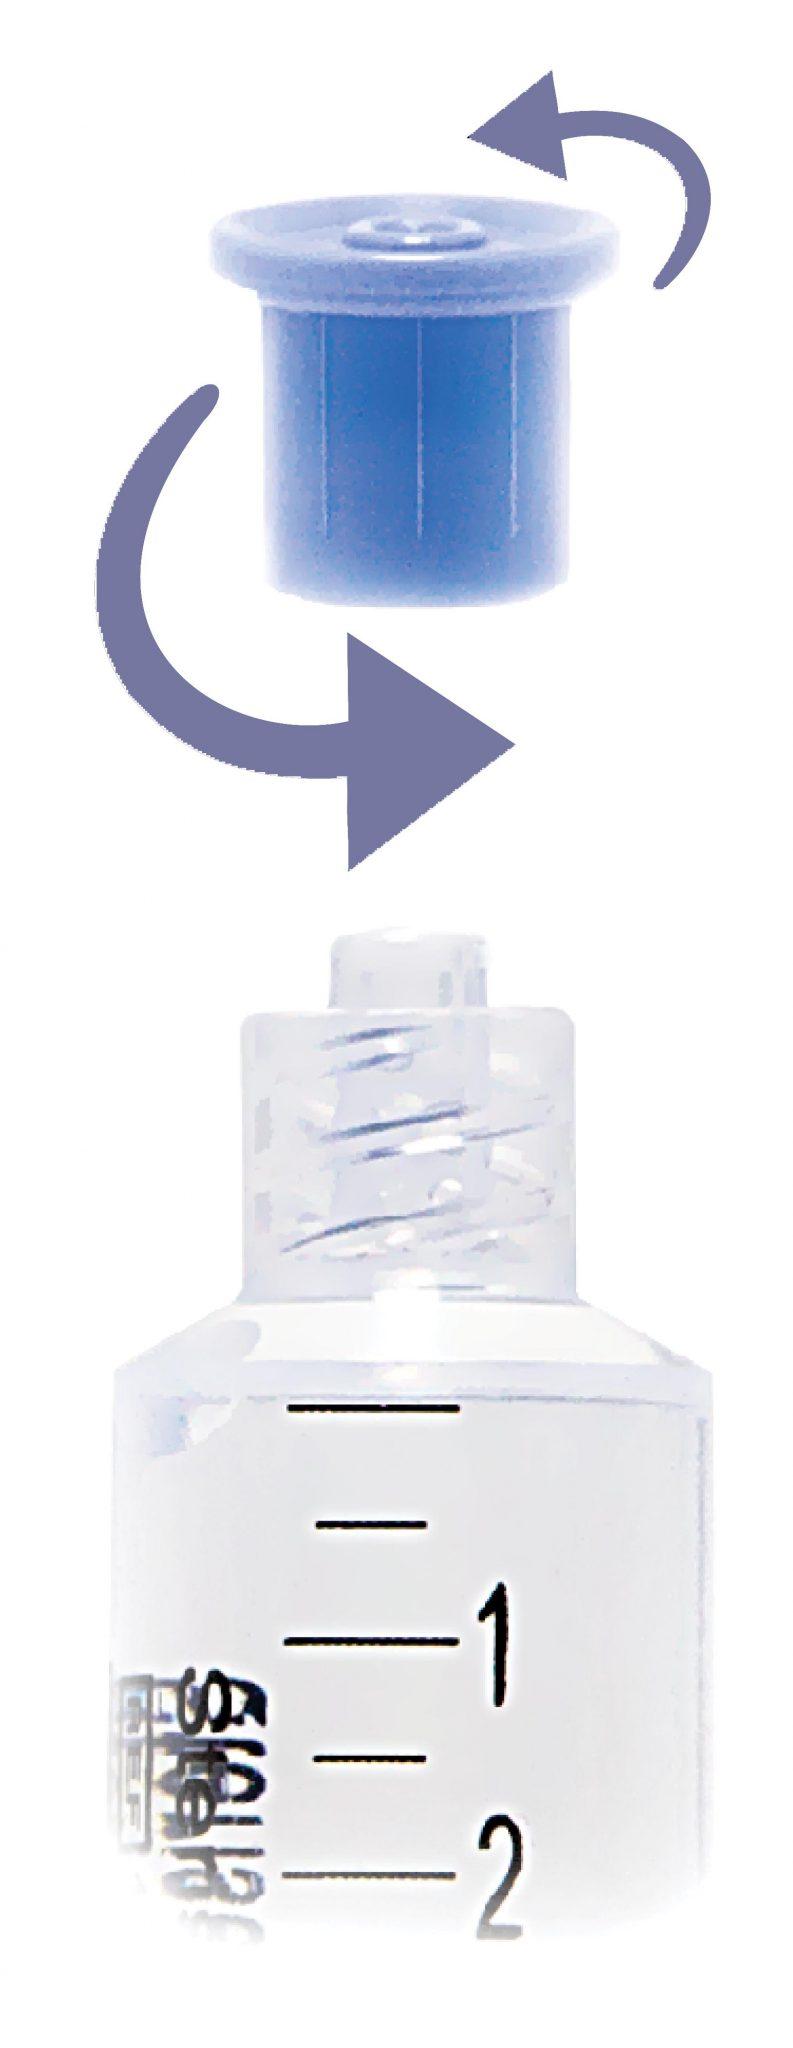 Sterisets Prefilled Saline Syringes image